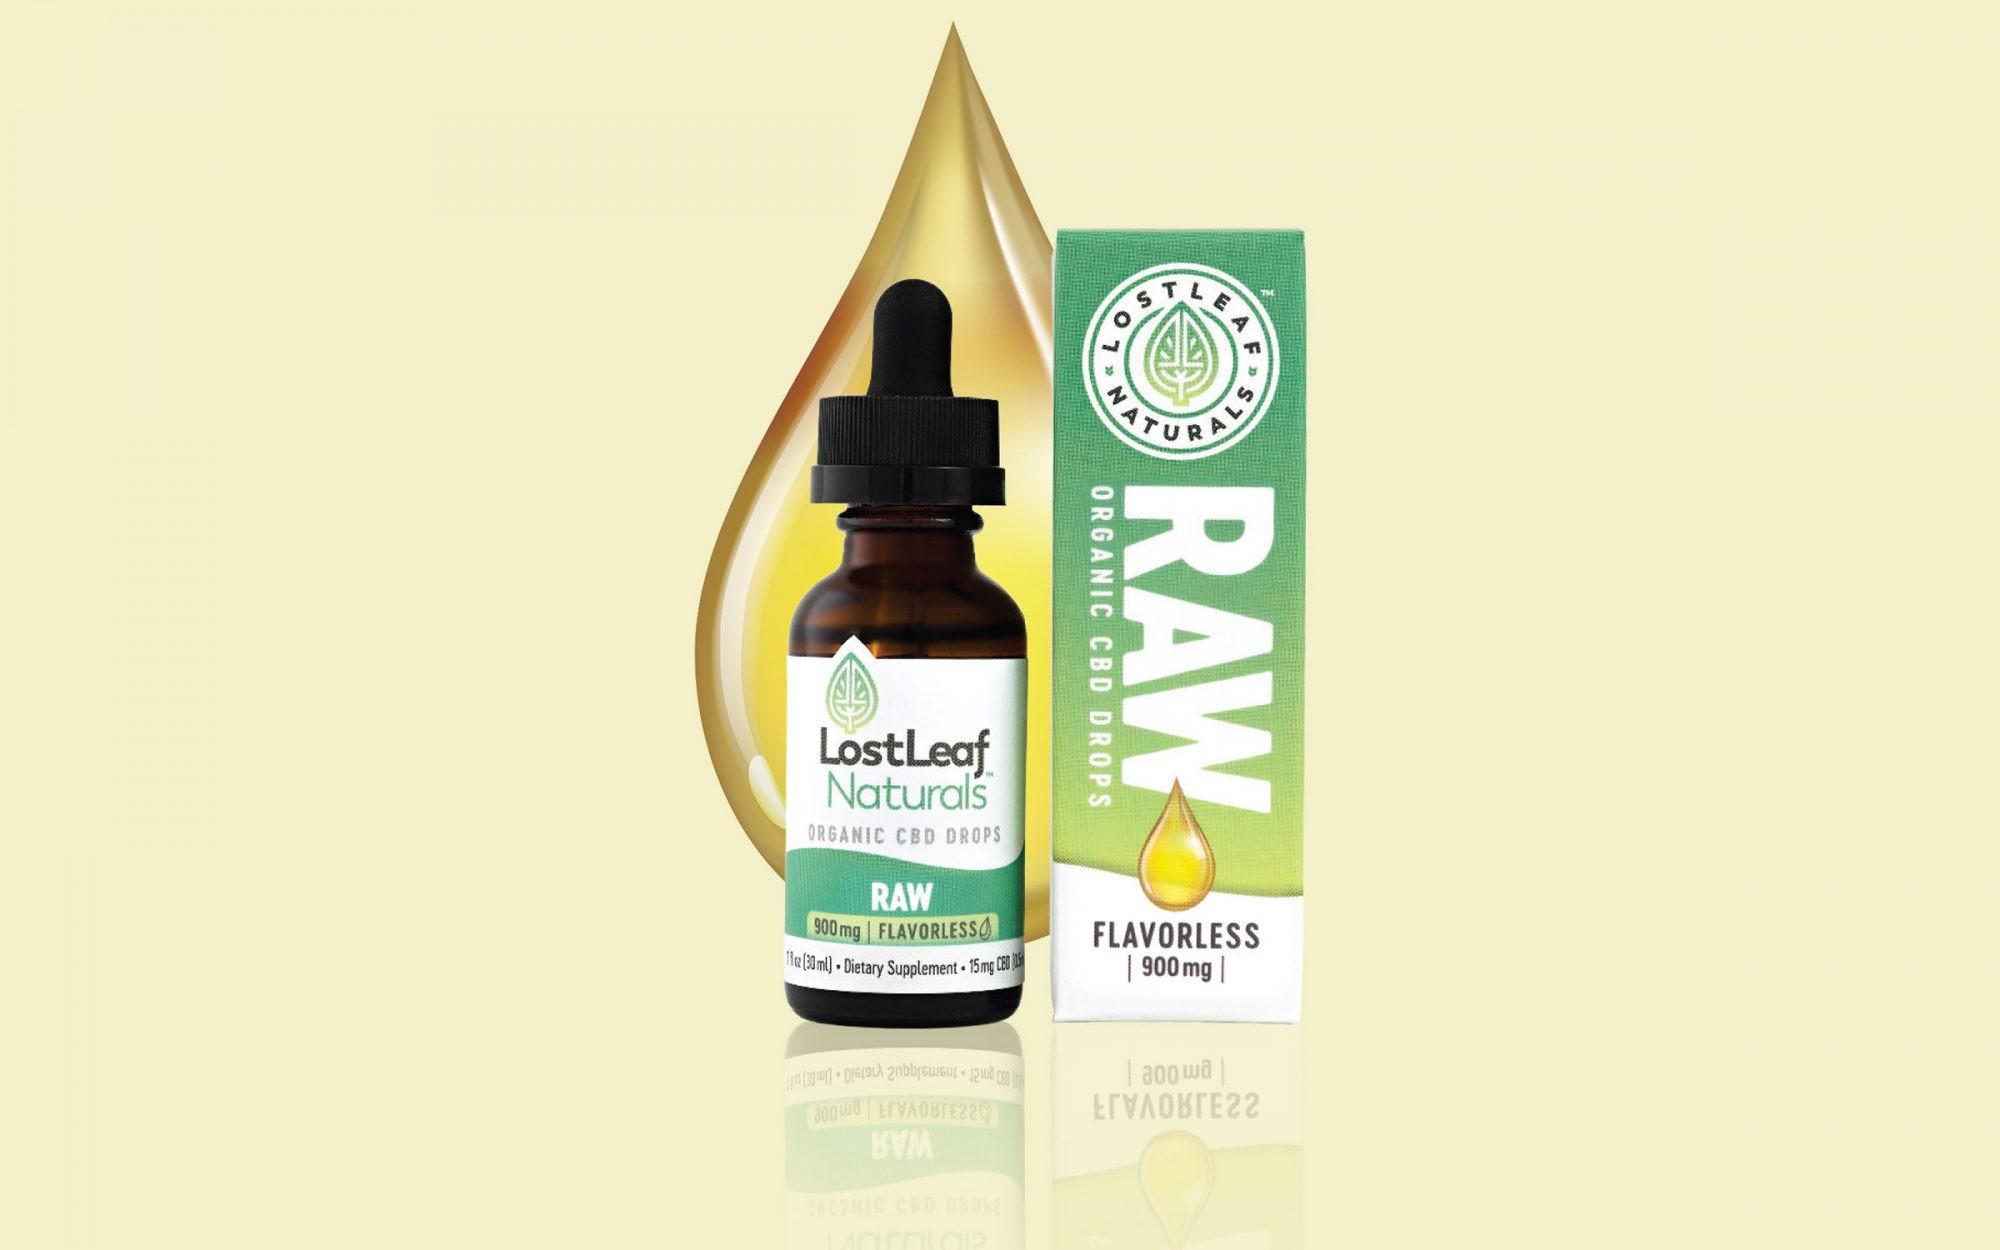 Lostleaf RAW - LostLeaf Naturals